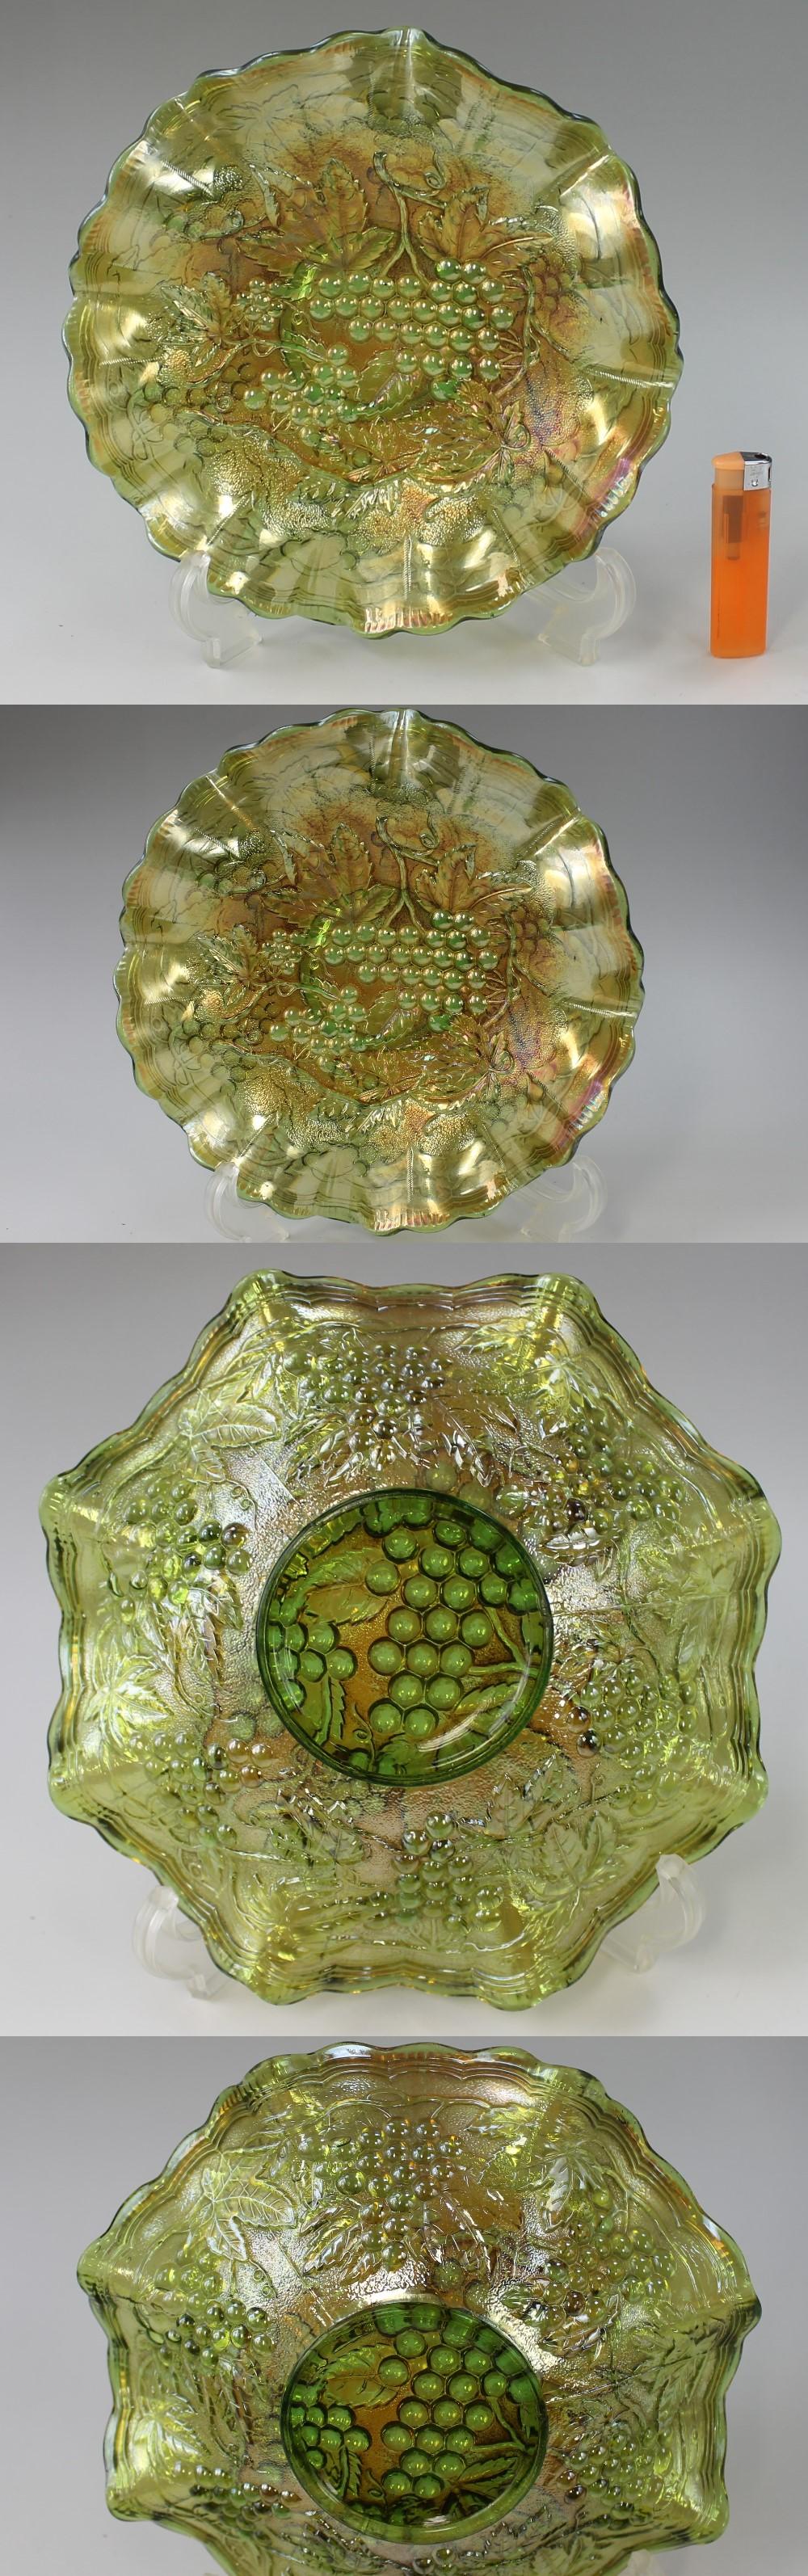 234カーニバル皿(葡萄柄)1